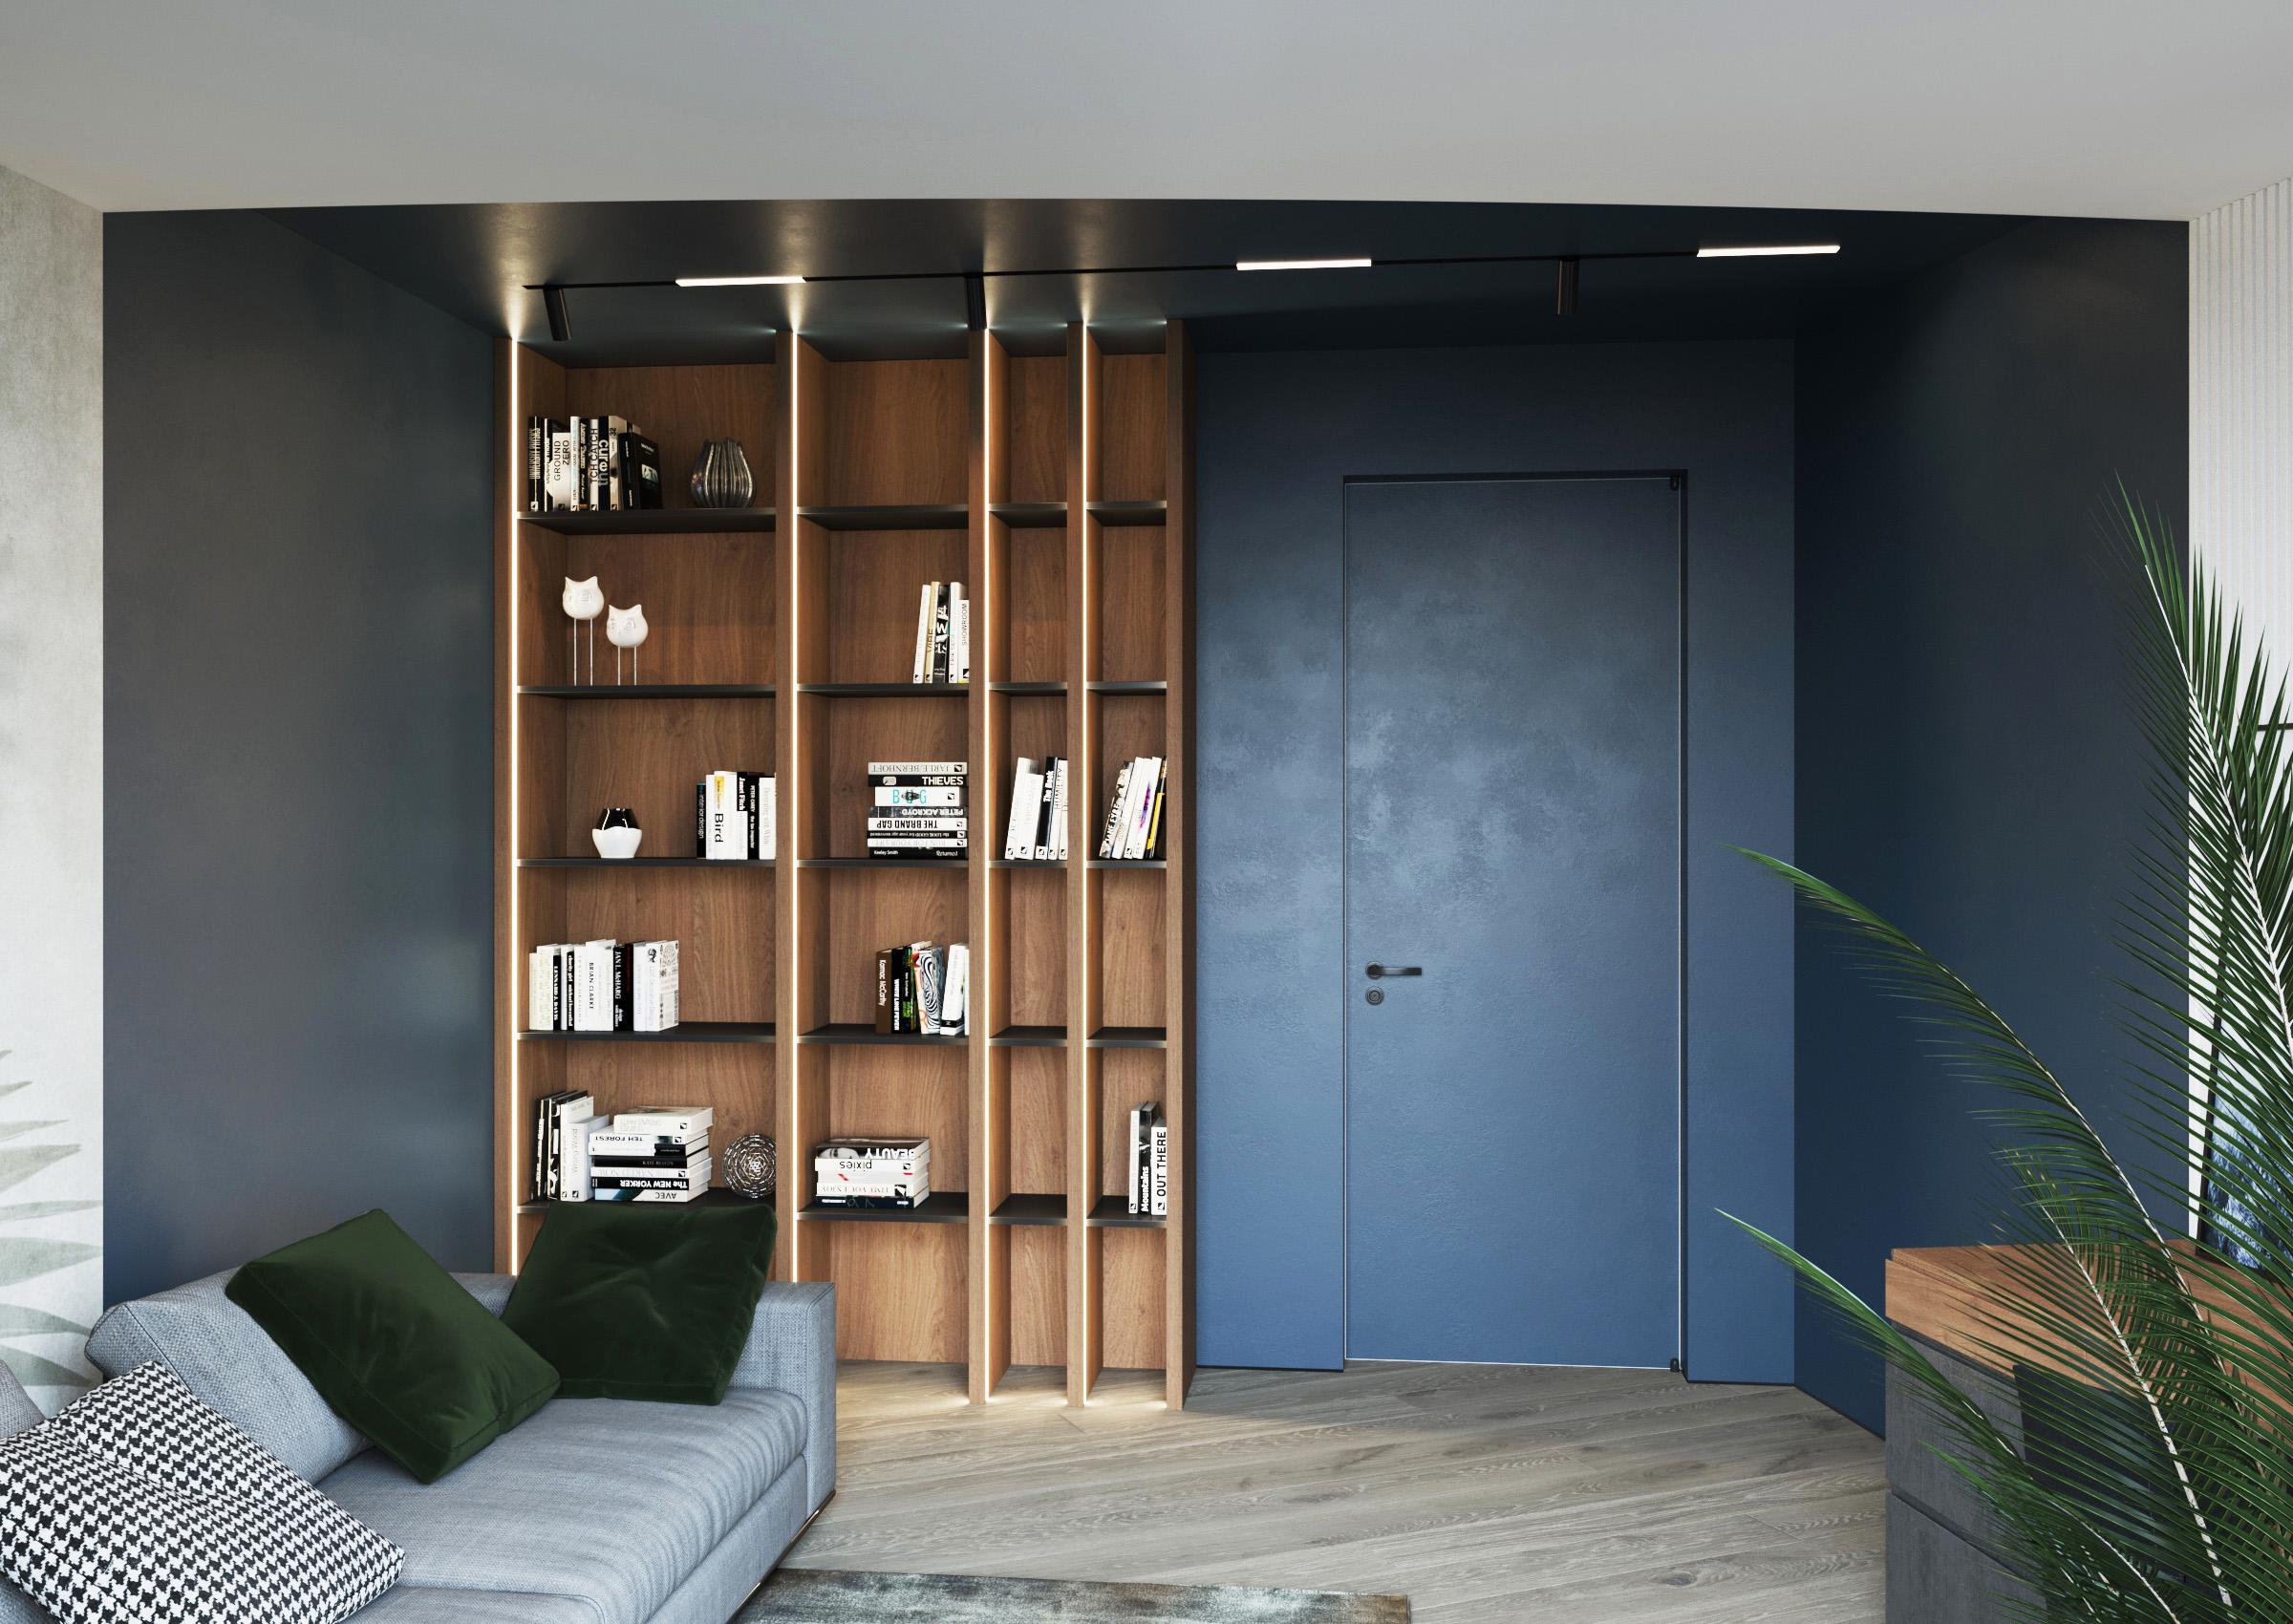 Cameră de odihnă pentru aspeți cu efect de beton și luminare Led pe un fundal de un albastru intens pe pereți